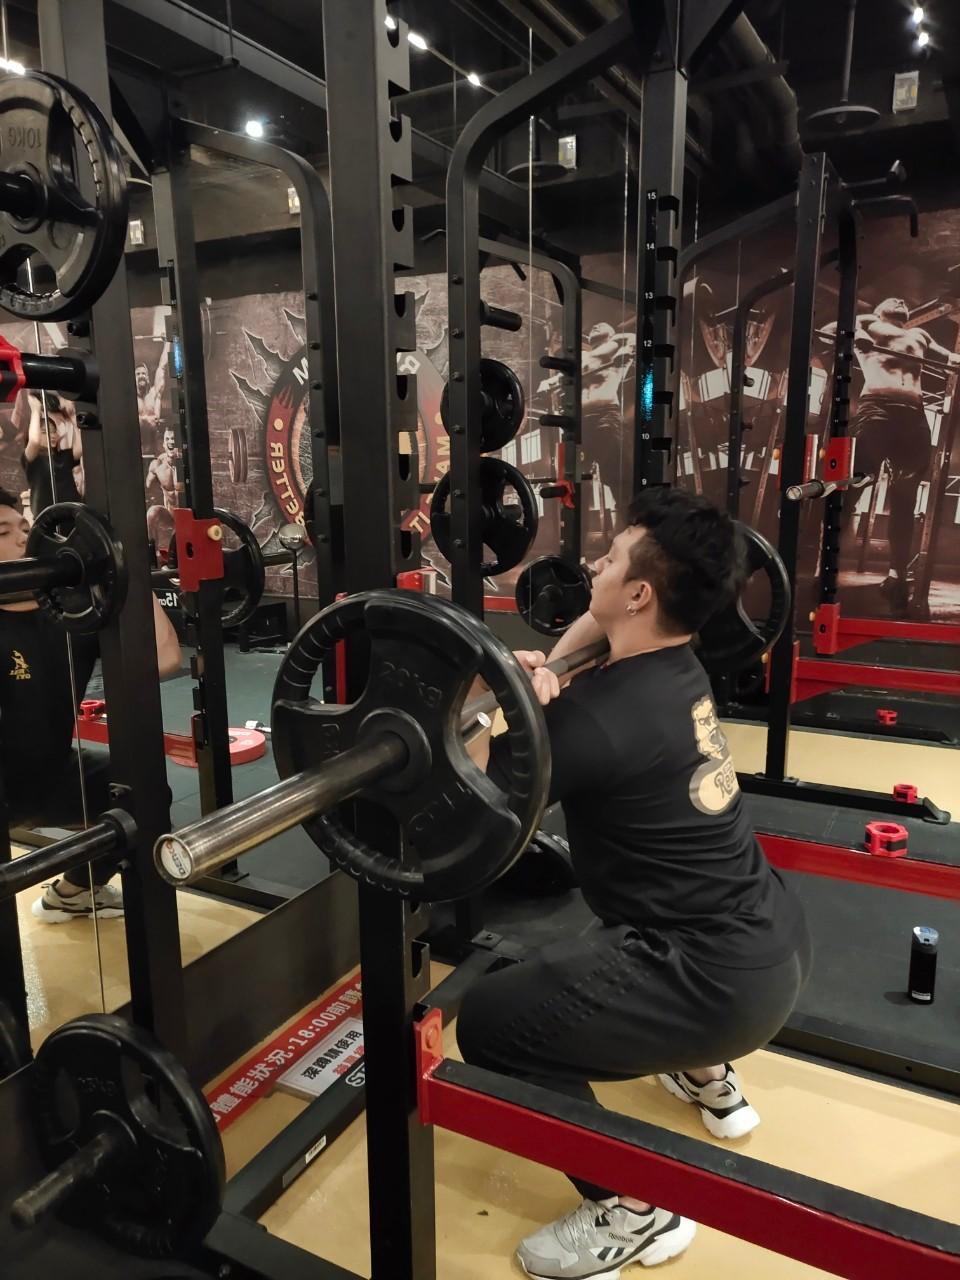 子鈞教練 示範上搏 下蹲反手腕接槓 放入鎖骨